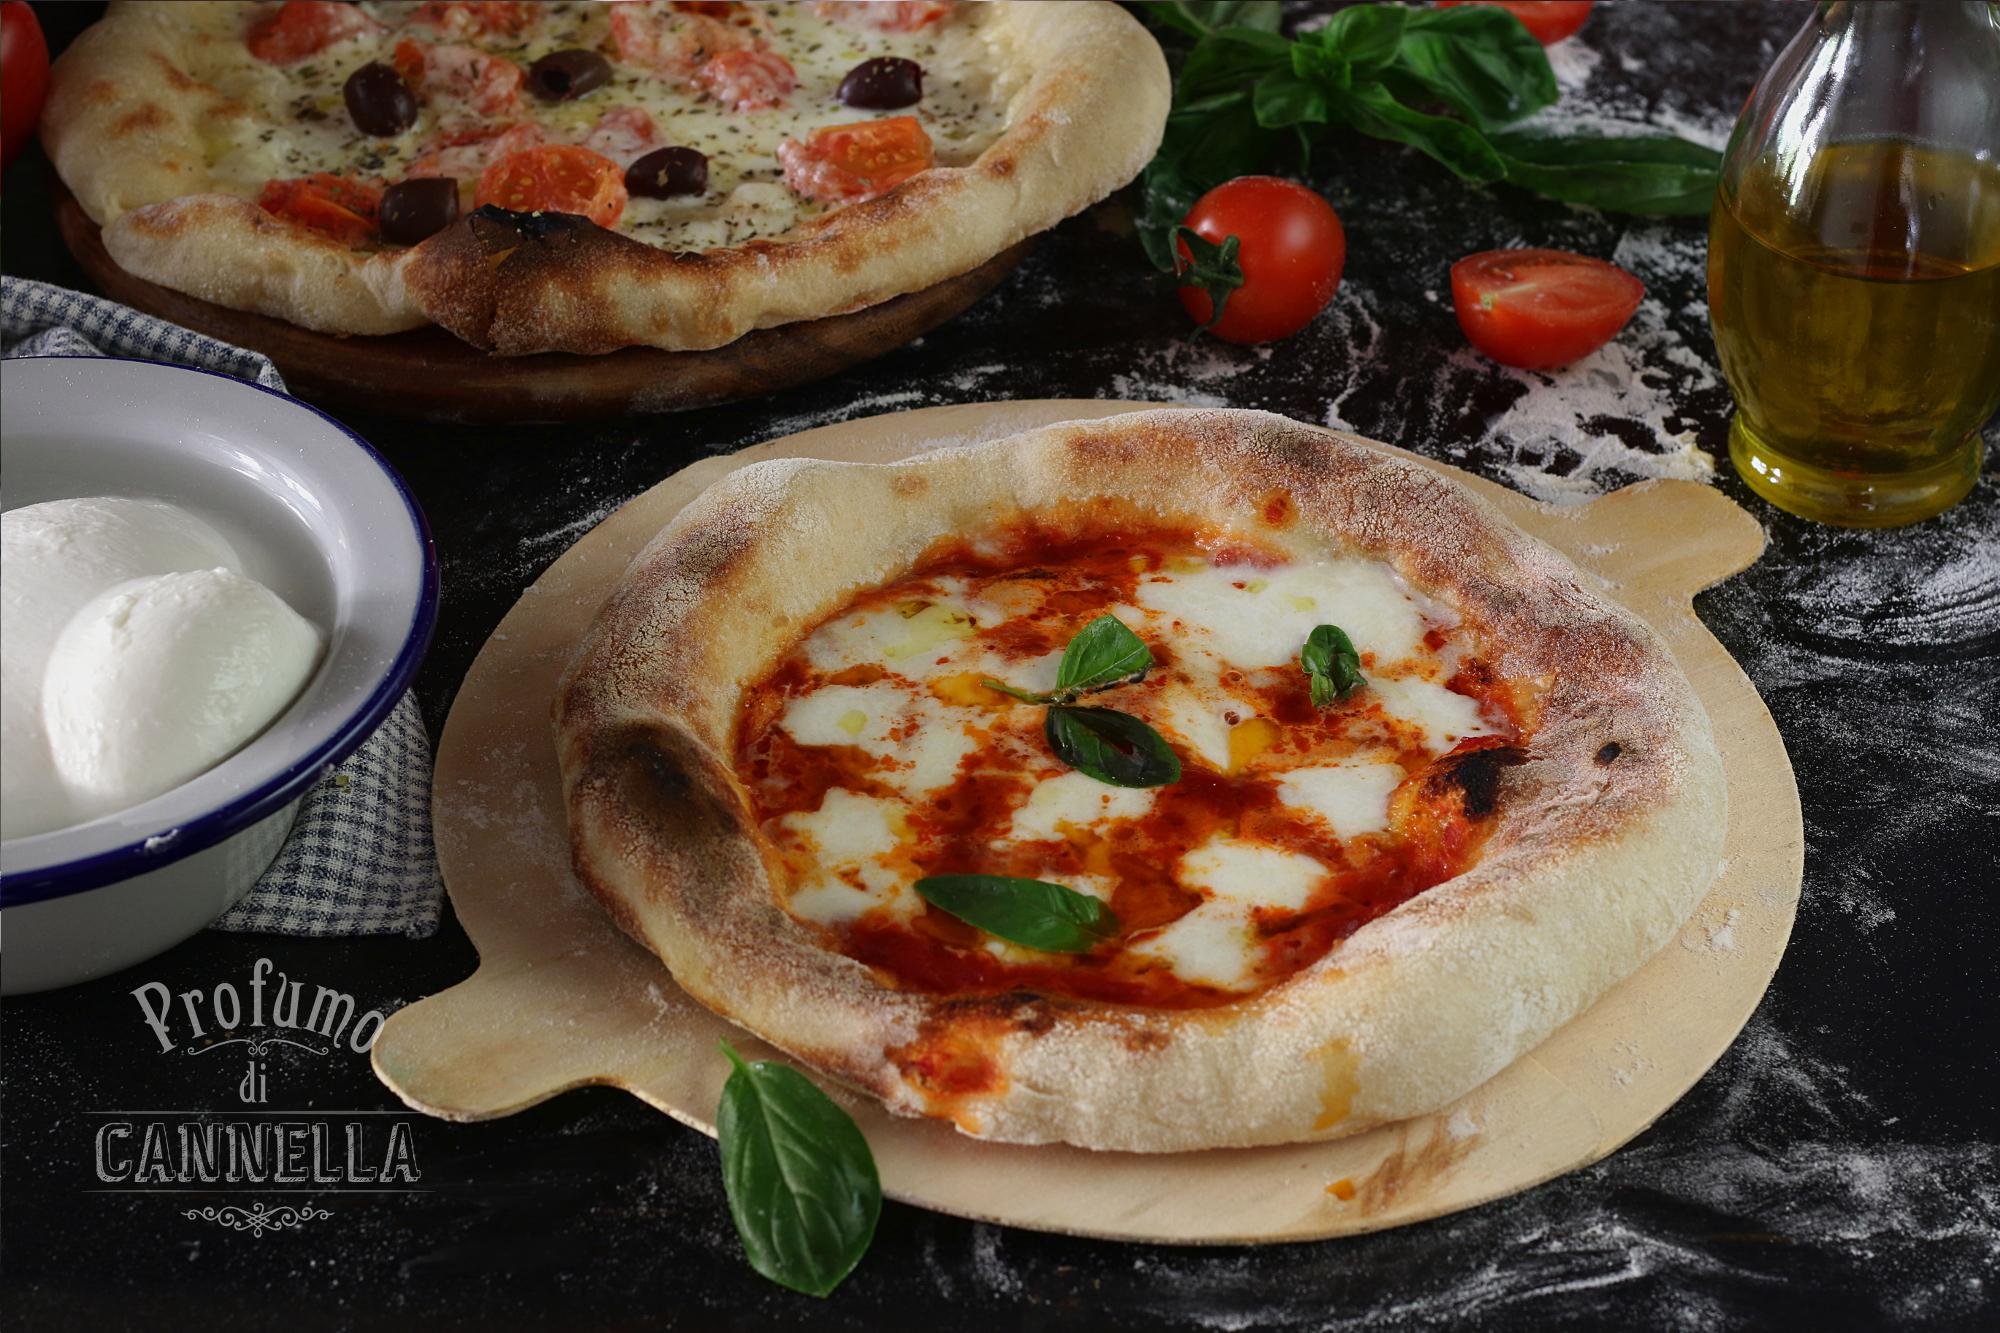 Ricetta Impasto Pizza Napoletana Forno Elettrico.Pizza Napoletana Ricetta E Consigli Per La Cottura Profumo Di Cannella